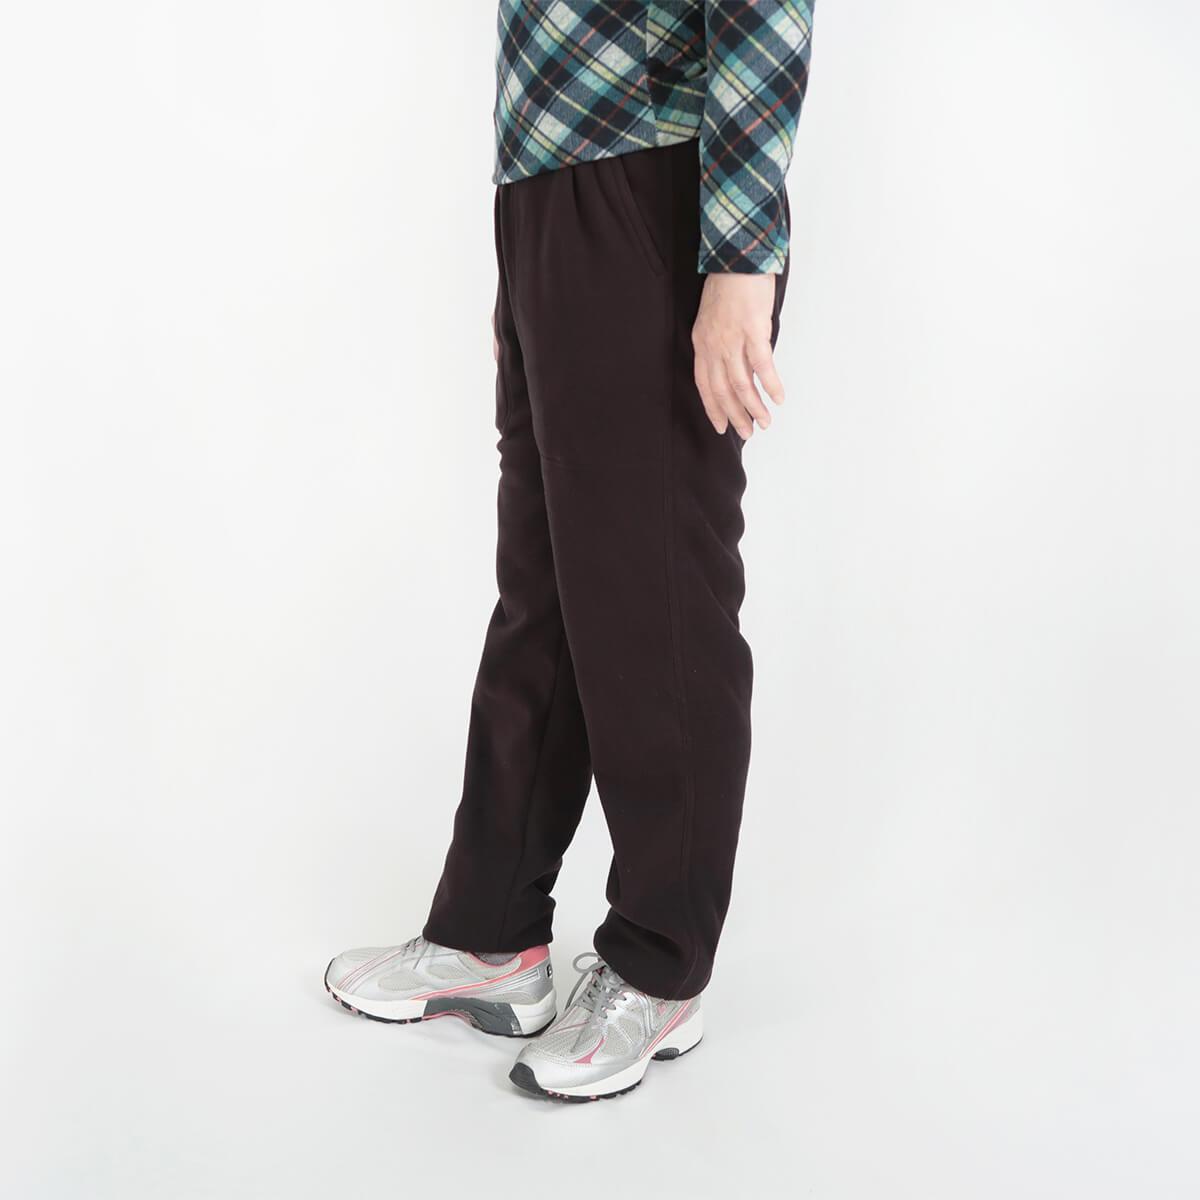 加大尺碼台灣製超細搖粒毛保暖褲 內裡刷毛保暖長褲 保暖棉褲長褲 機能纖維 全腰圍鬆緊帶 一件抵多件 MADE IN TAIWAN WARM FLEECE PANTS FLEECE LINED (020-2805-08)深藍色、(020-2805-19)深咖啡 腰圍M L XL 2L 3L(28~42英吋) 男女可穿 [實體店面保障] sun-e 3